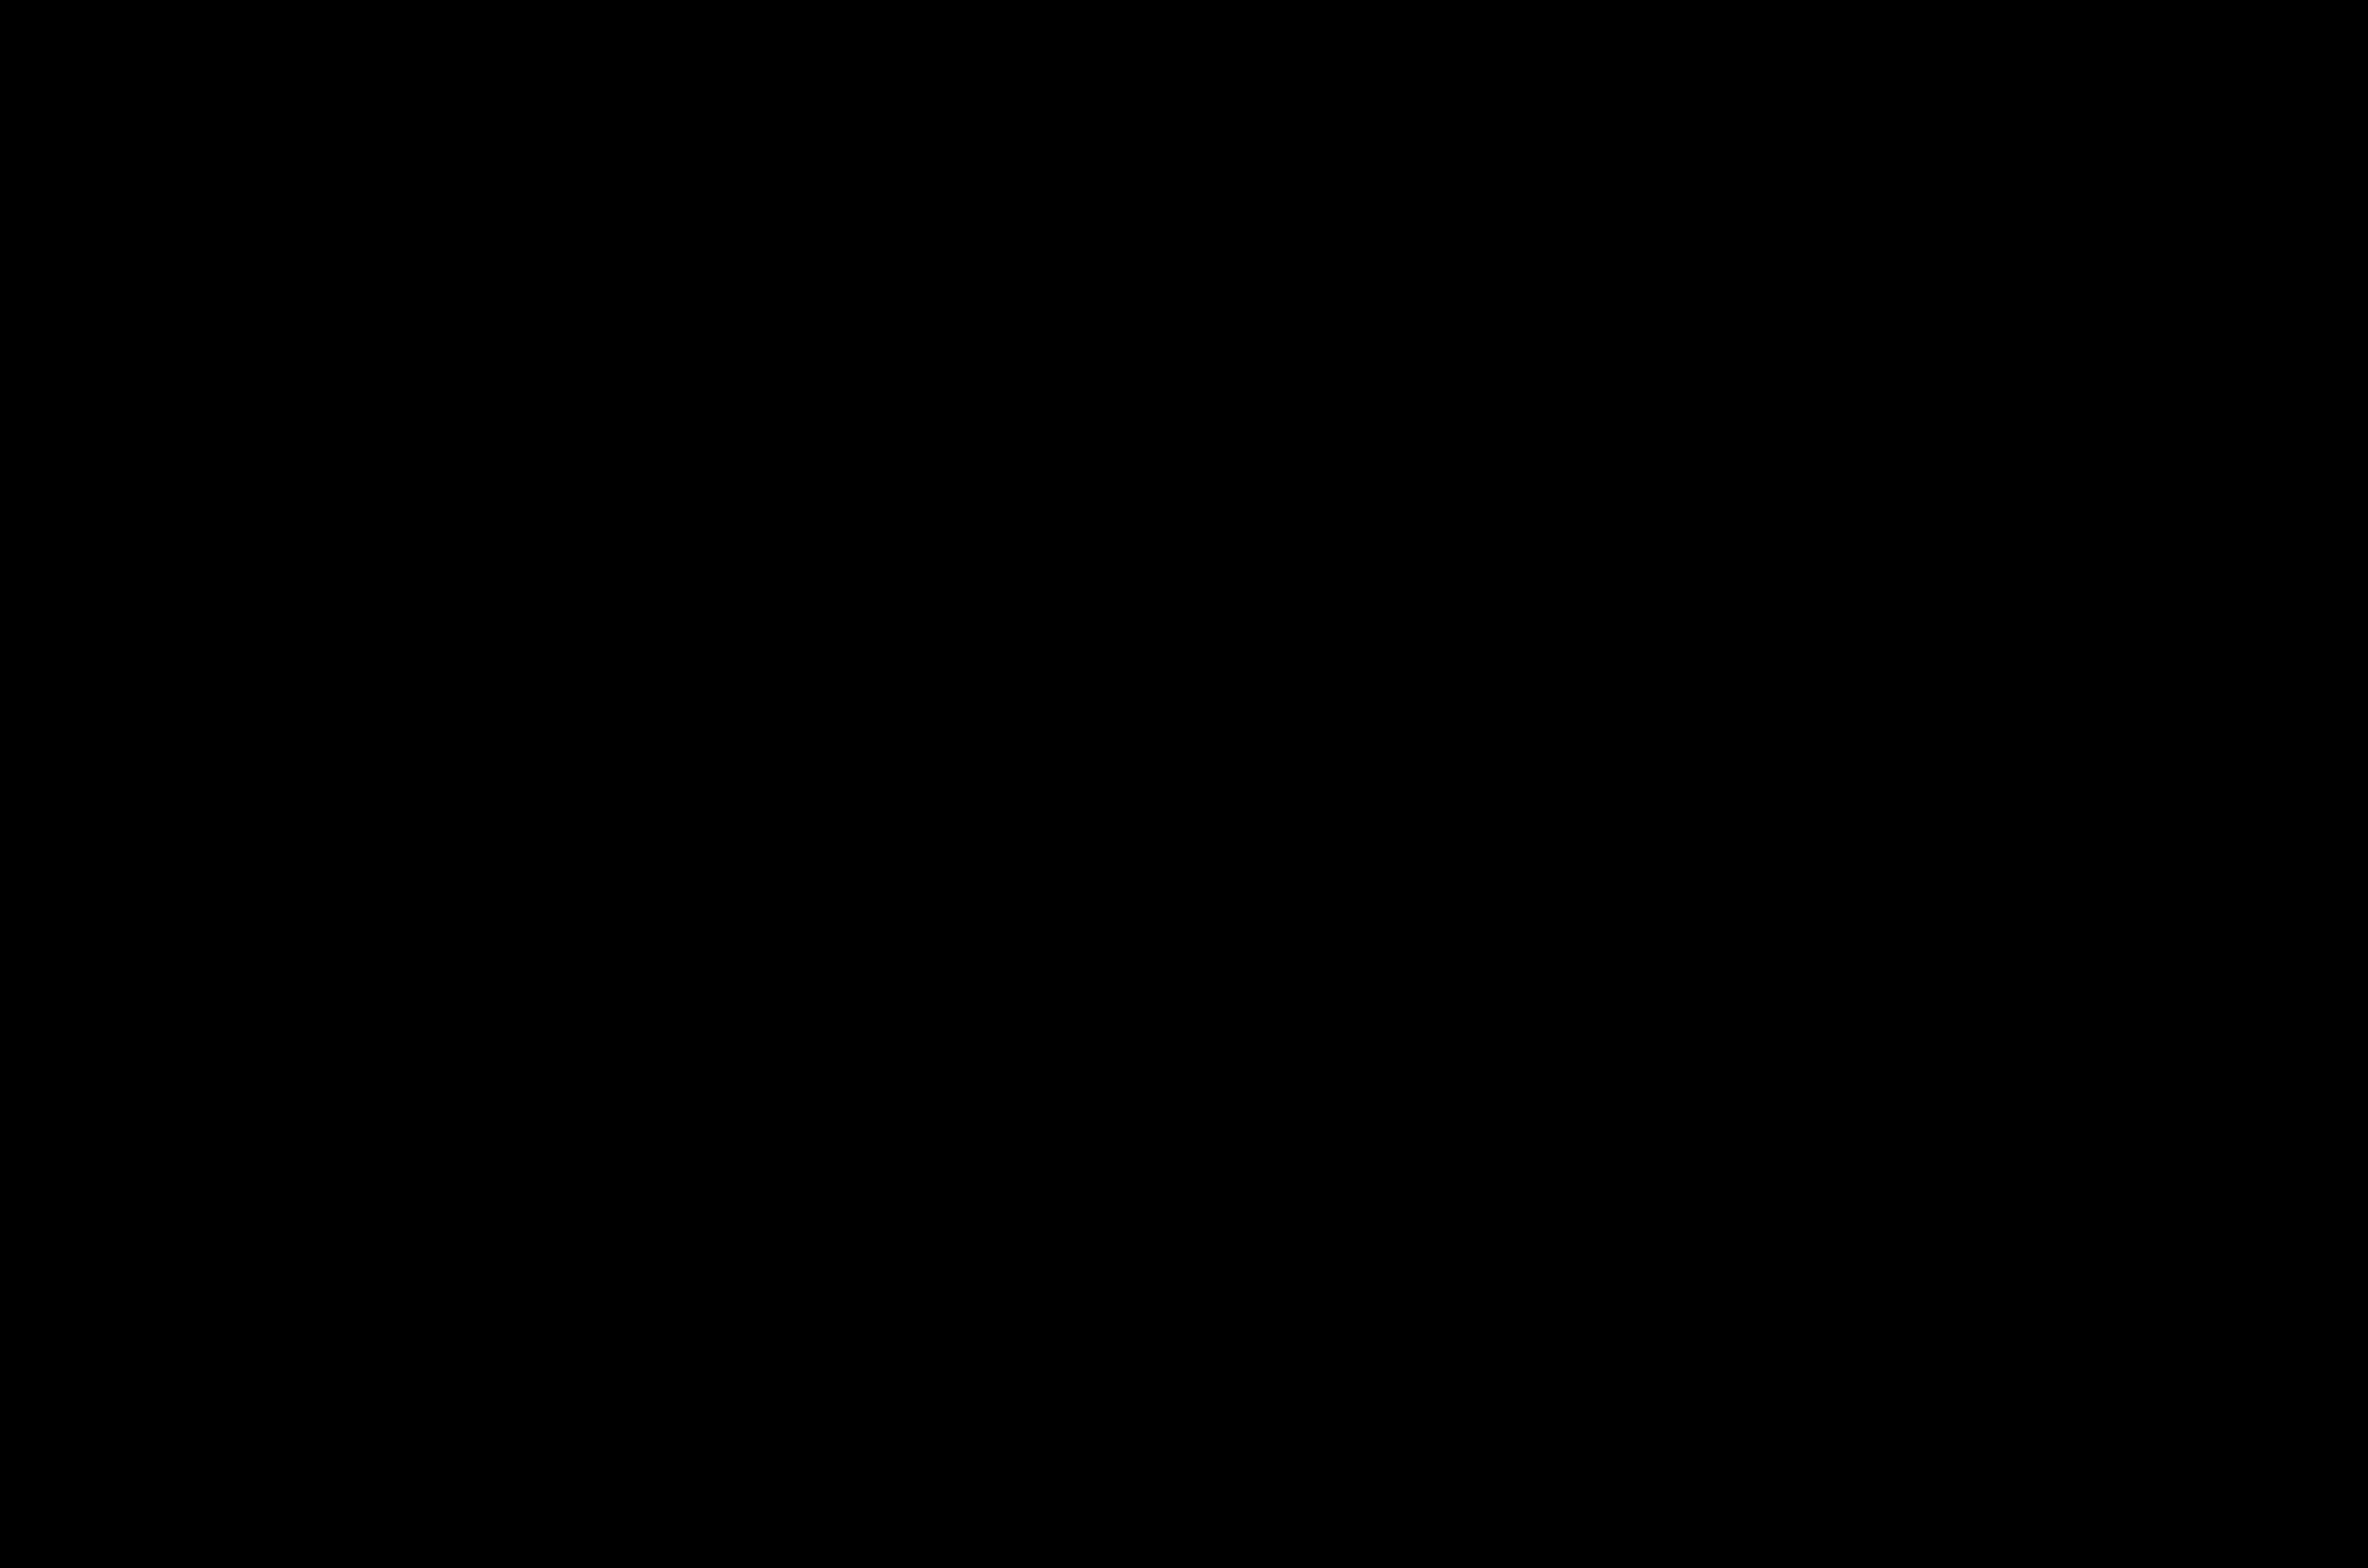 dsc_5495-min